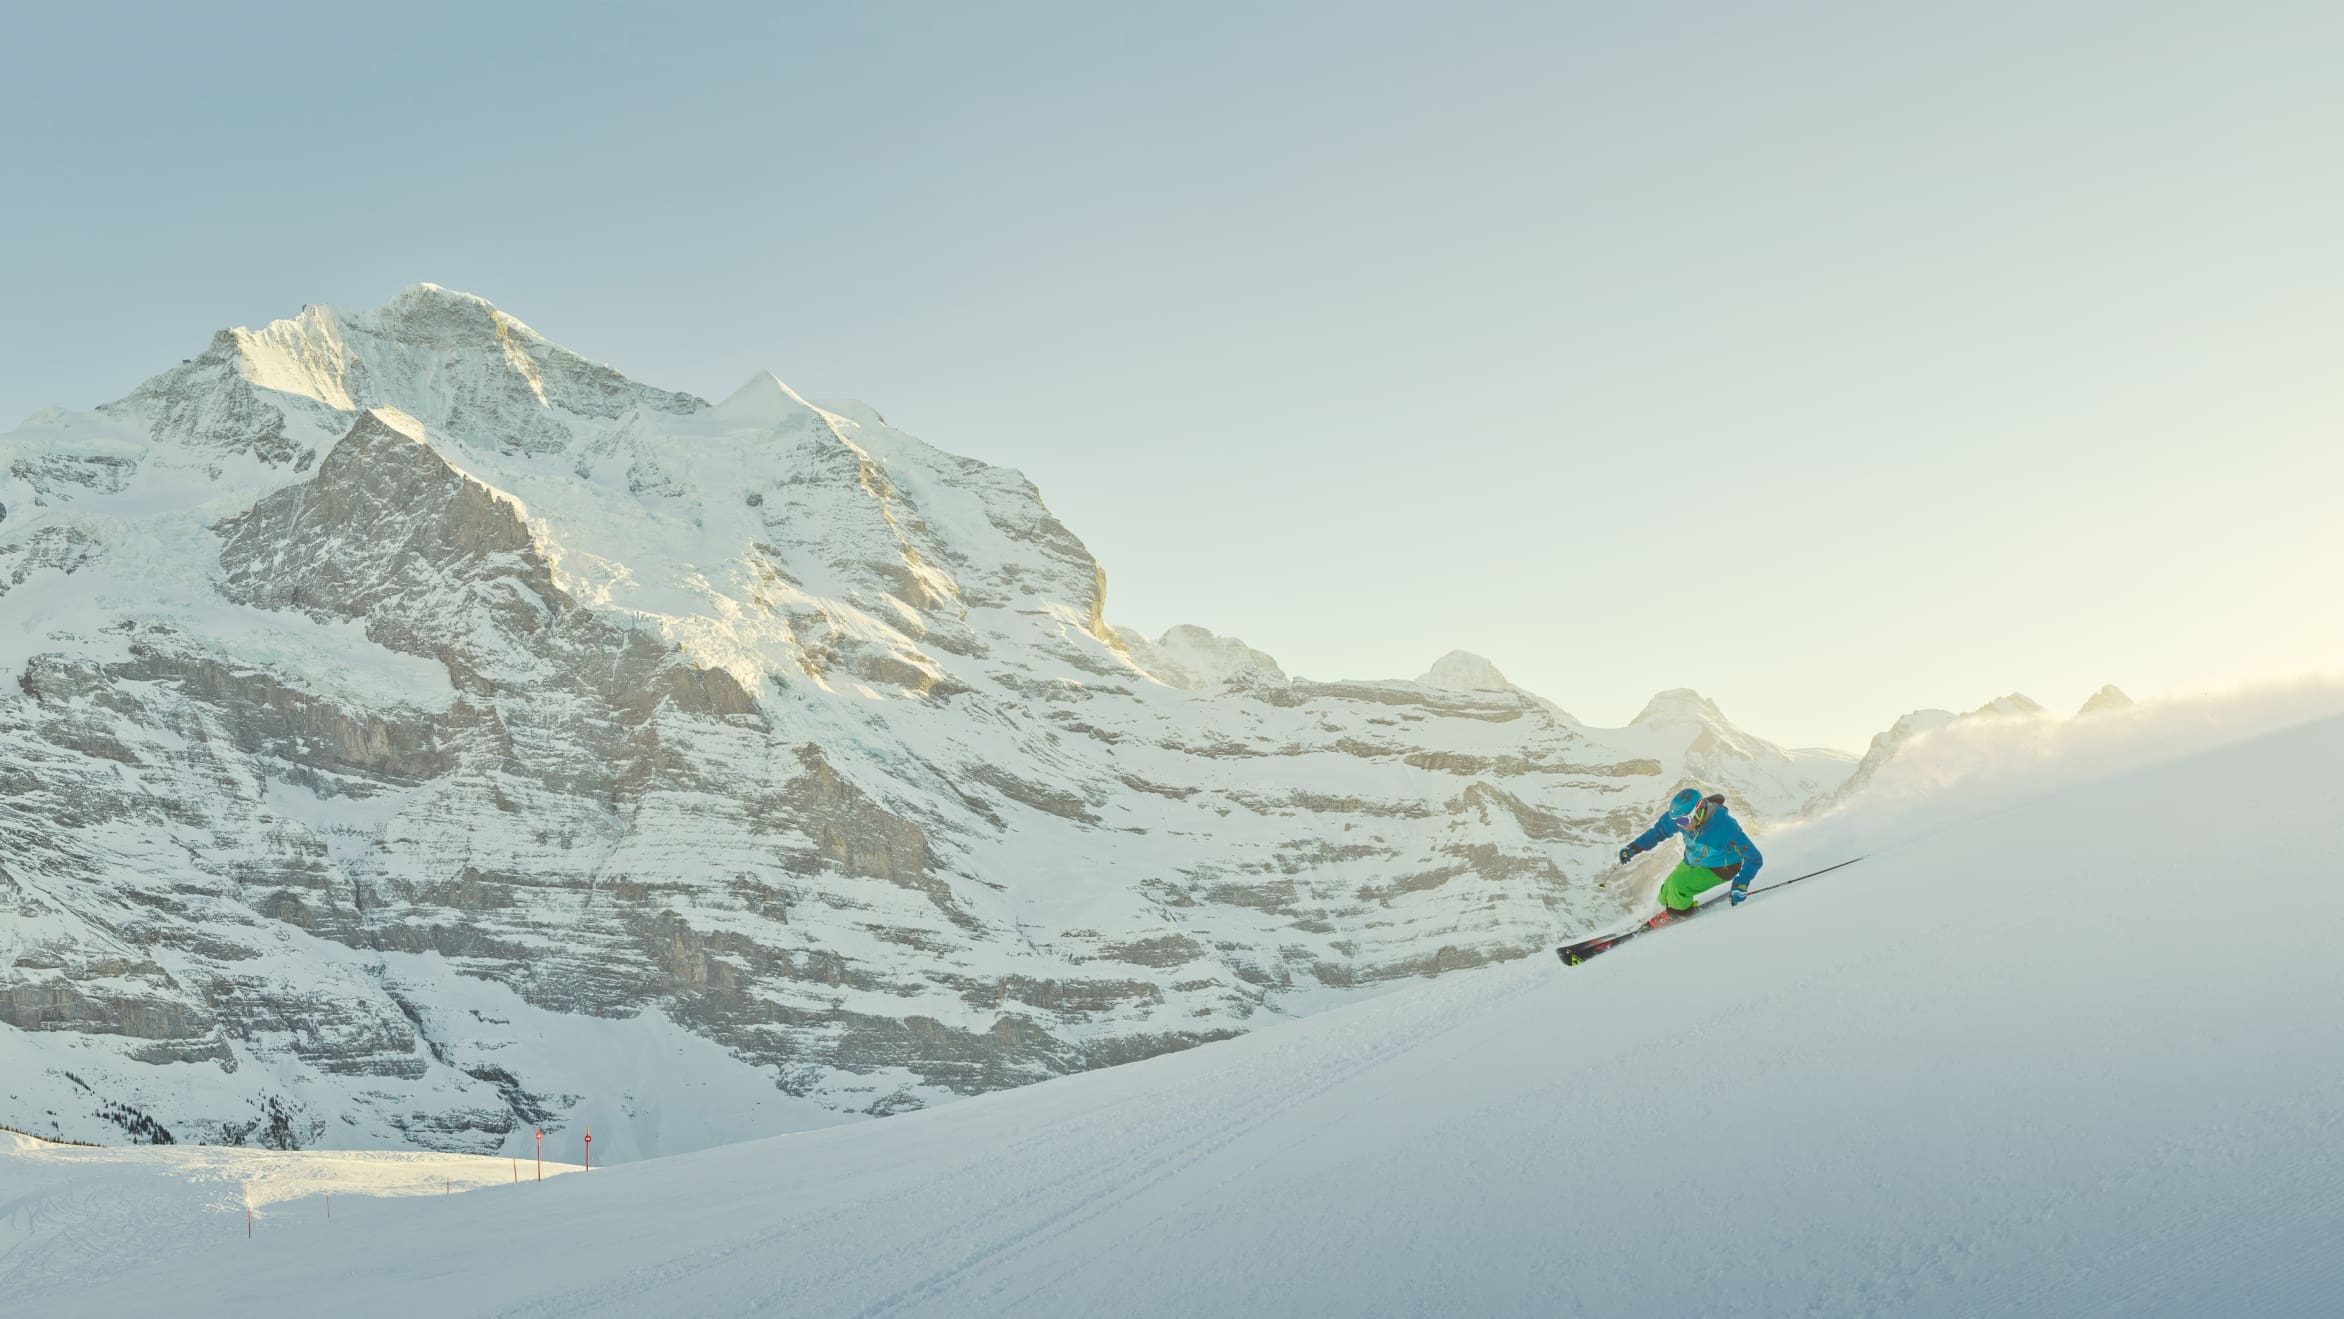 Skiing Grindelwald Wengen Kleine Scheidegg Maennlichen